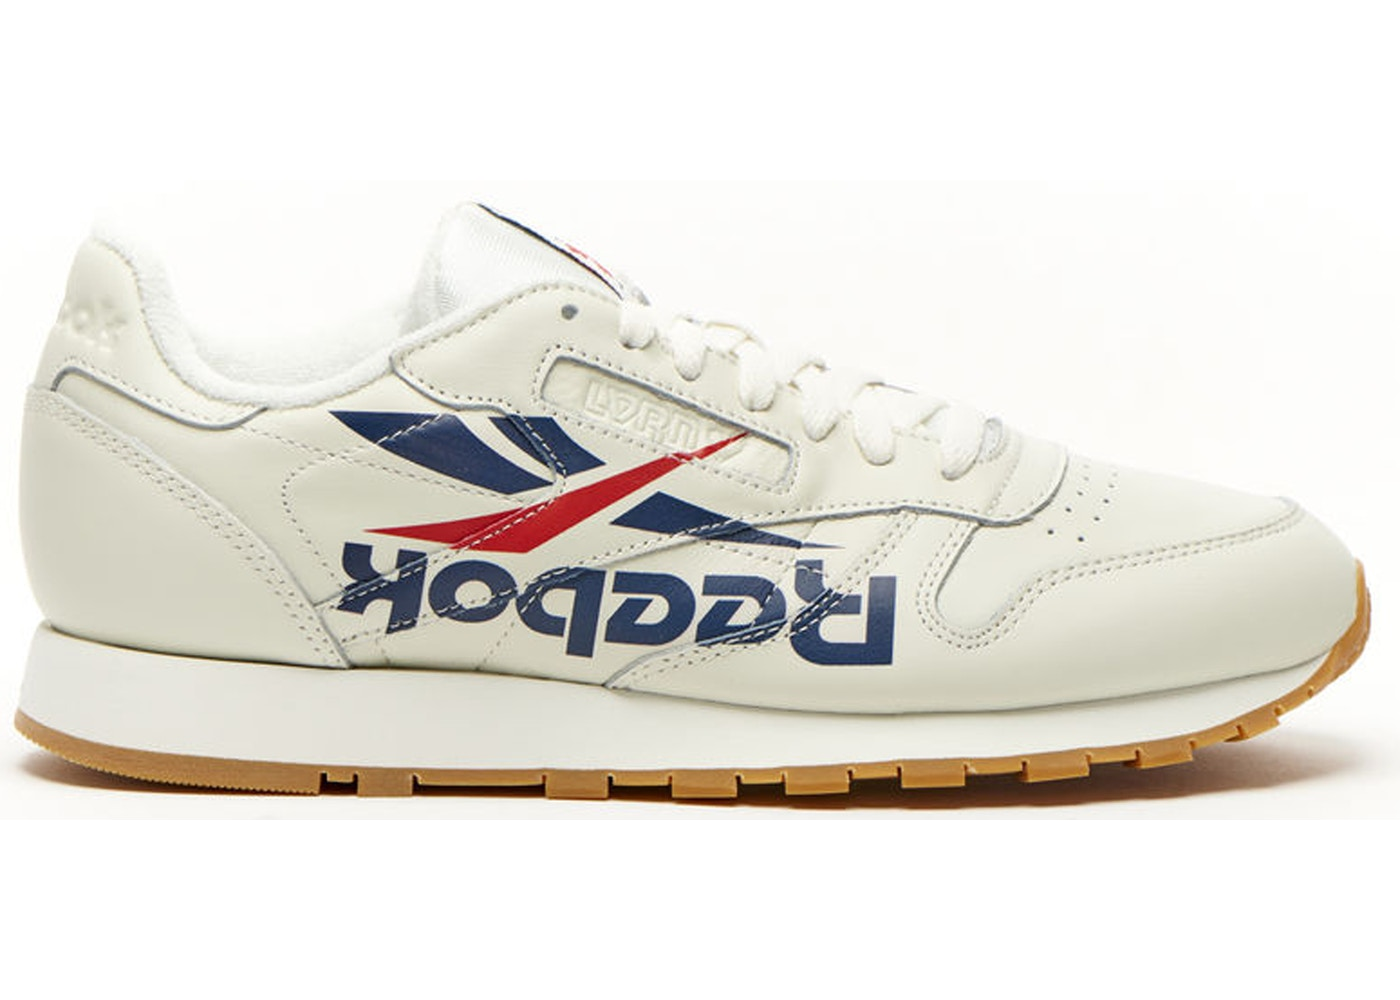 de754fc41099 Reebok Footwear - Buy Deadstock Sneakers